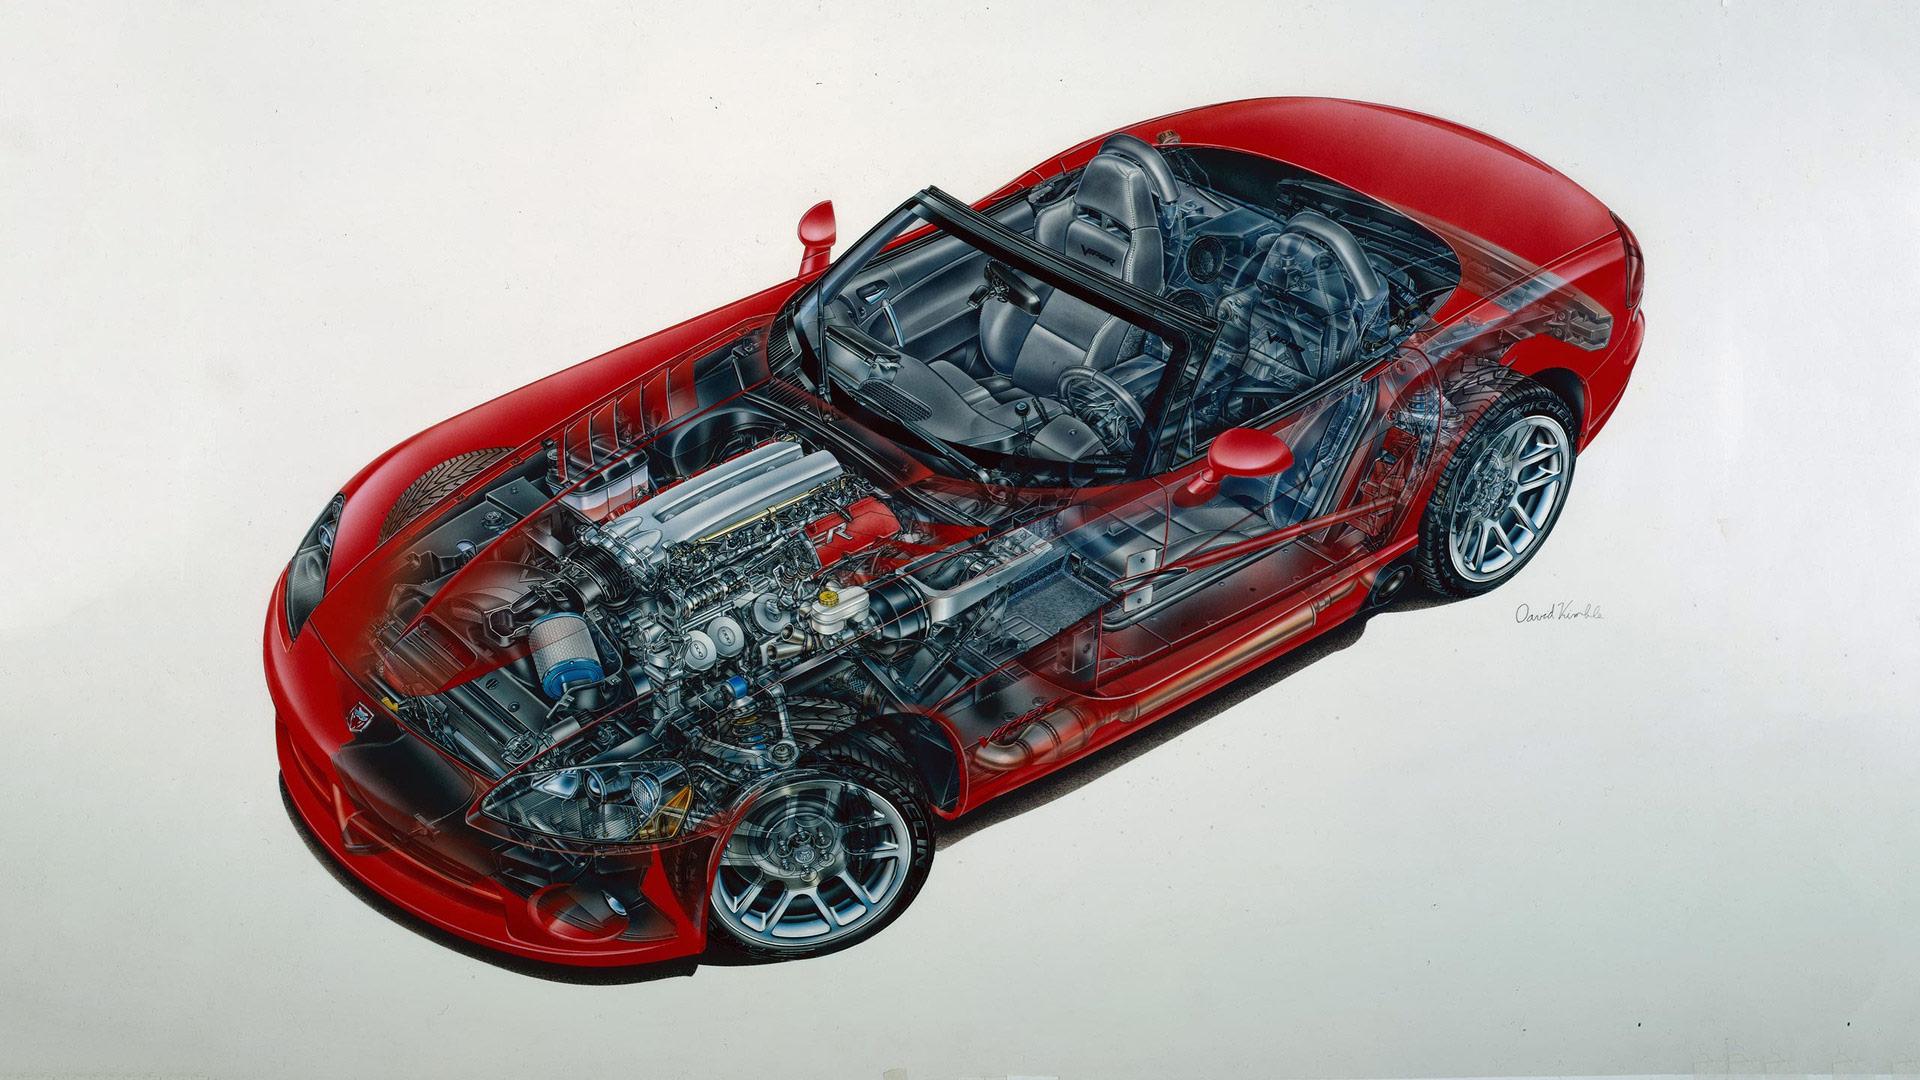 Dodge Viper SRT10 cutaway